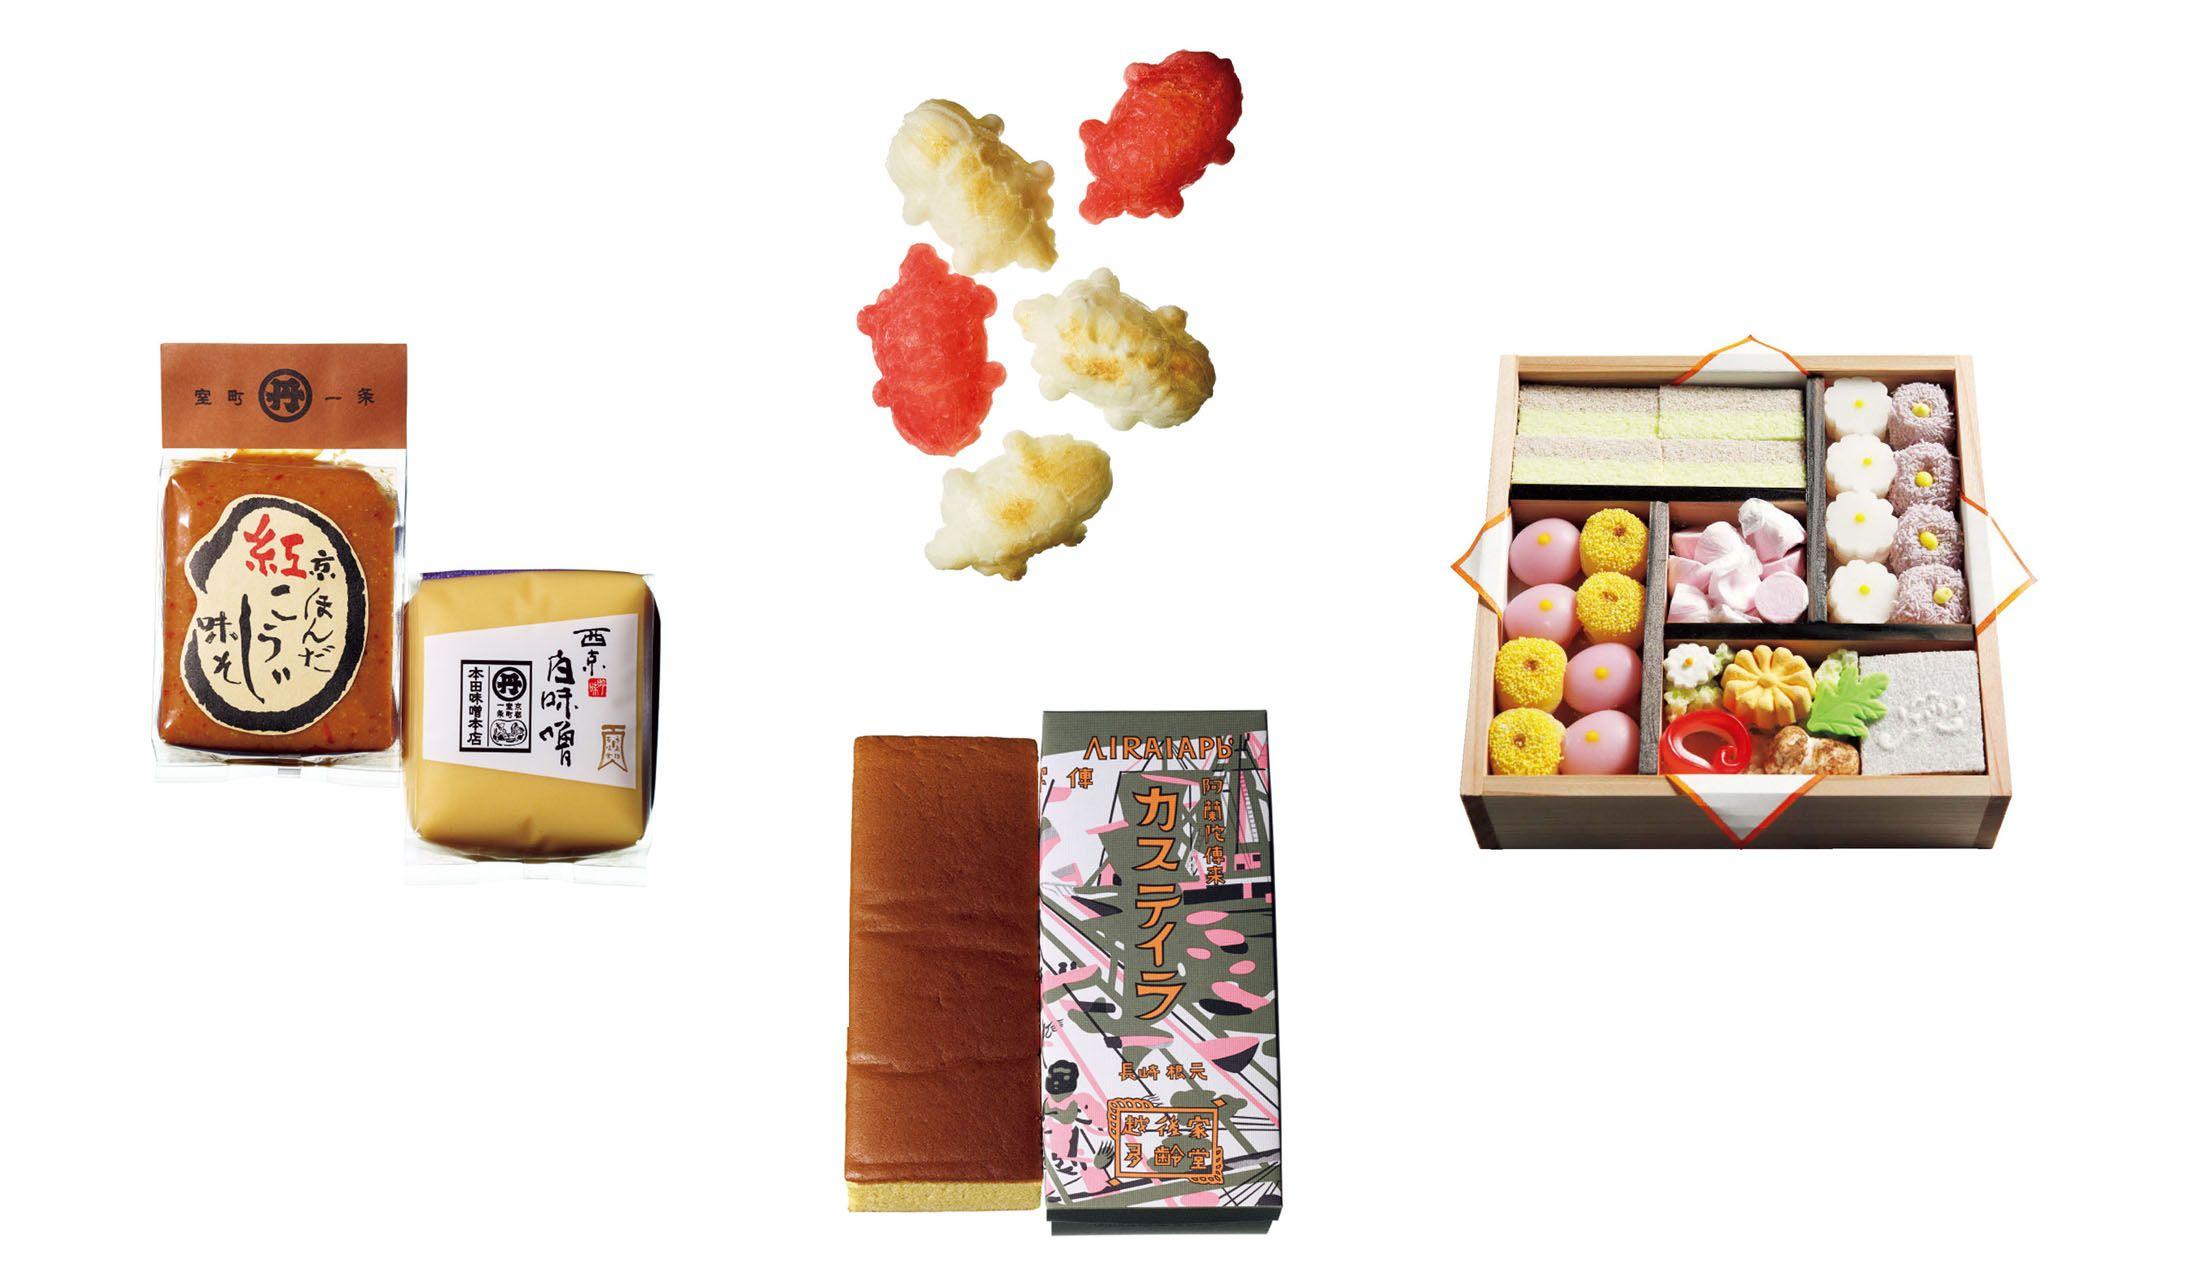 京都で手に入れたい4つの美味しいもの名品